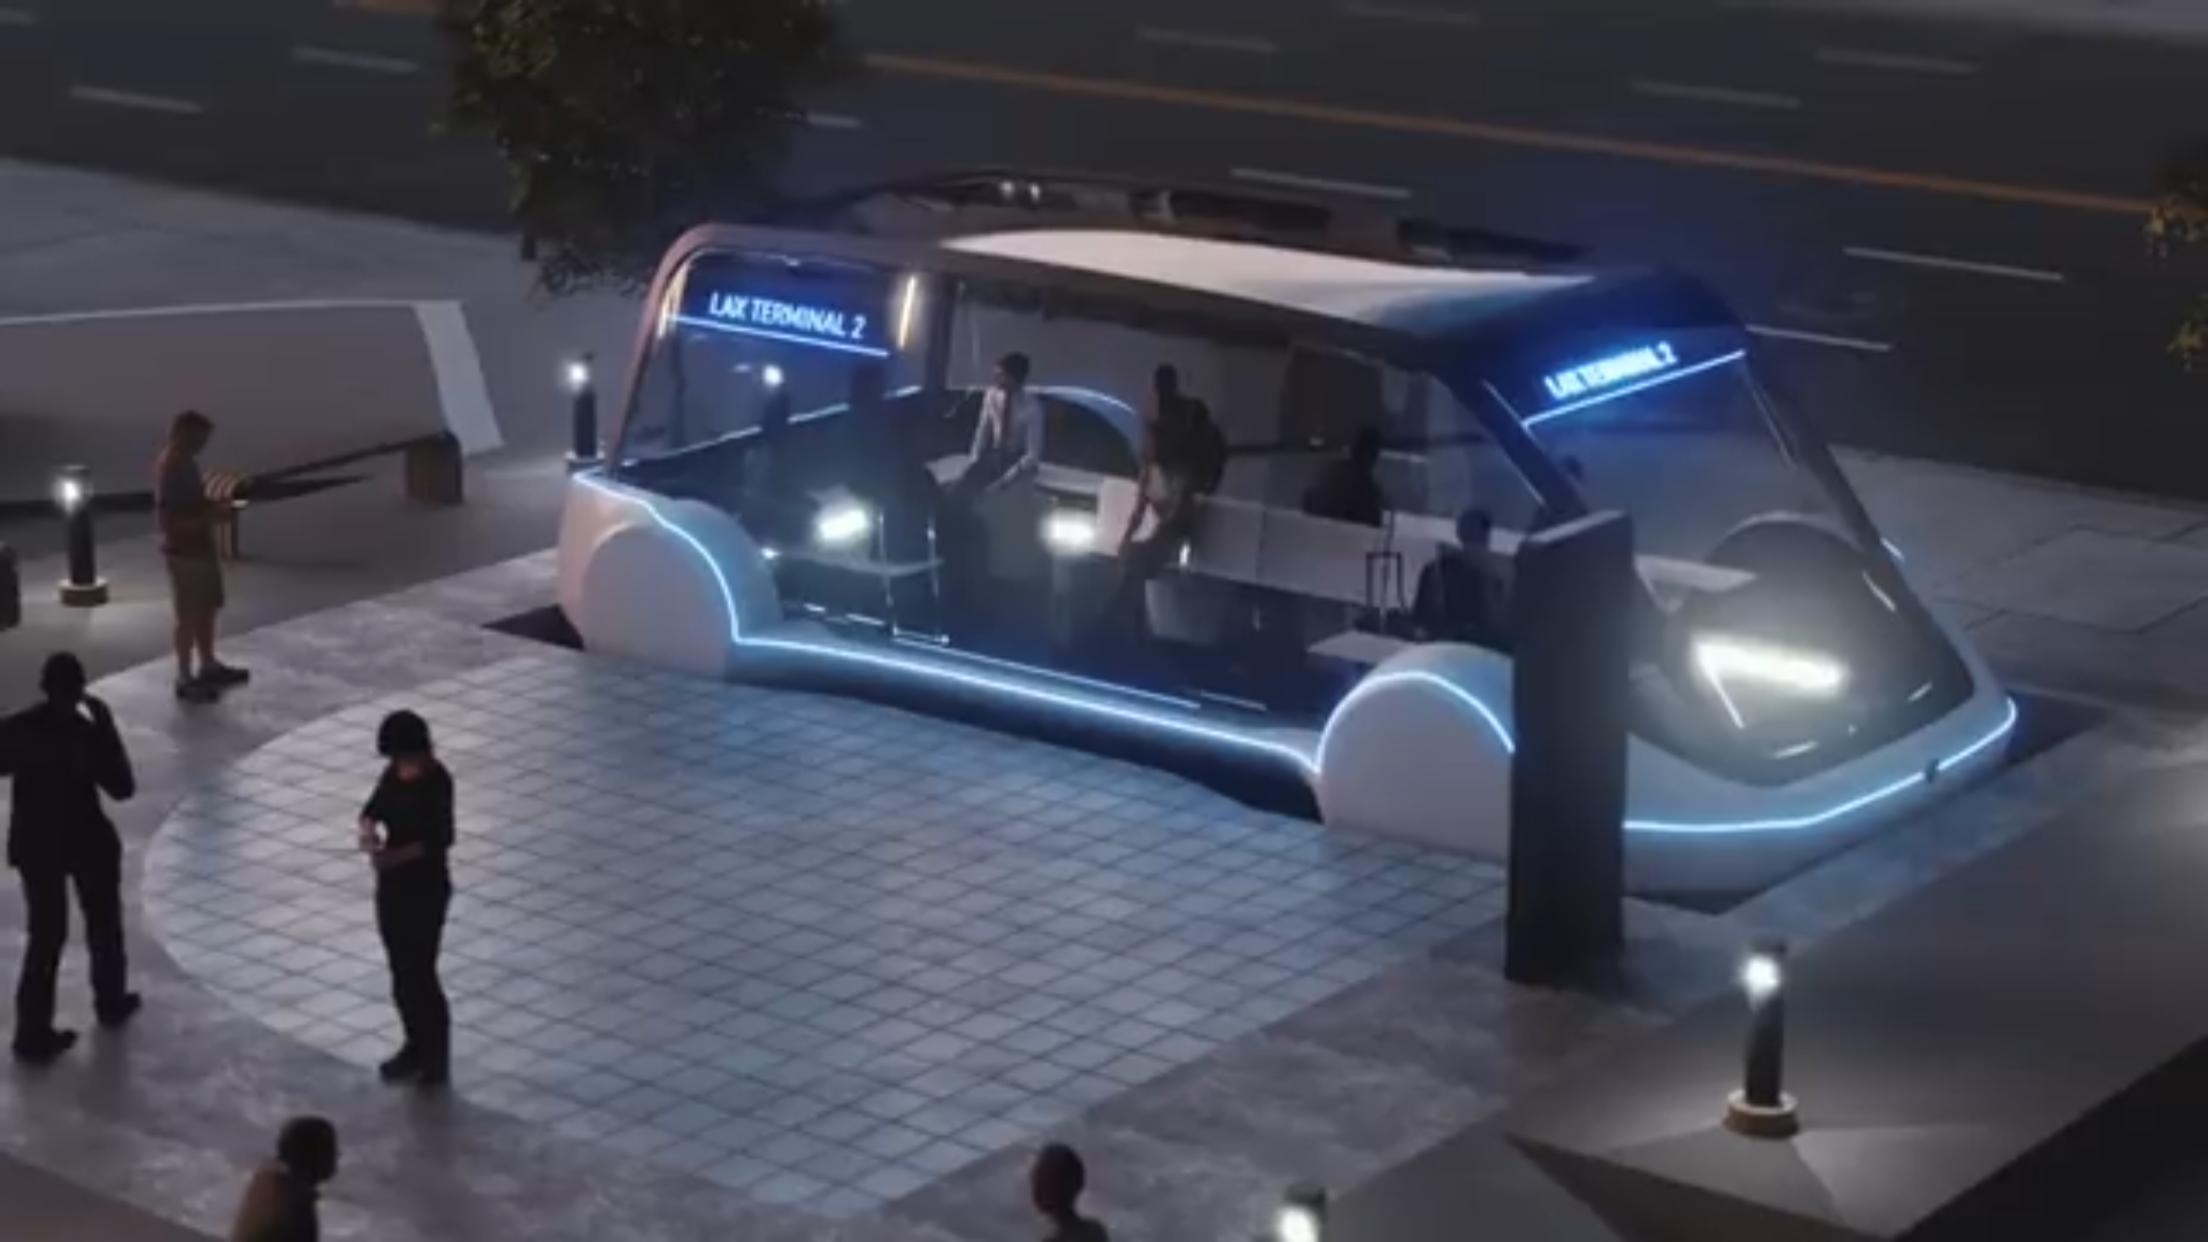 馬斯克旗下柏林公司所設計的「滑板式」隧道車,將成為芝加哥市區與歐海爾機場的未來交通選項之一。(Boring公司視頻截圖)